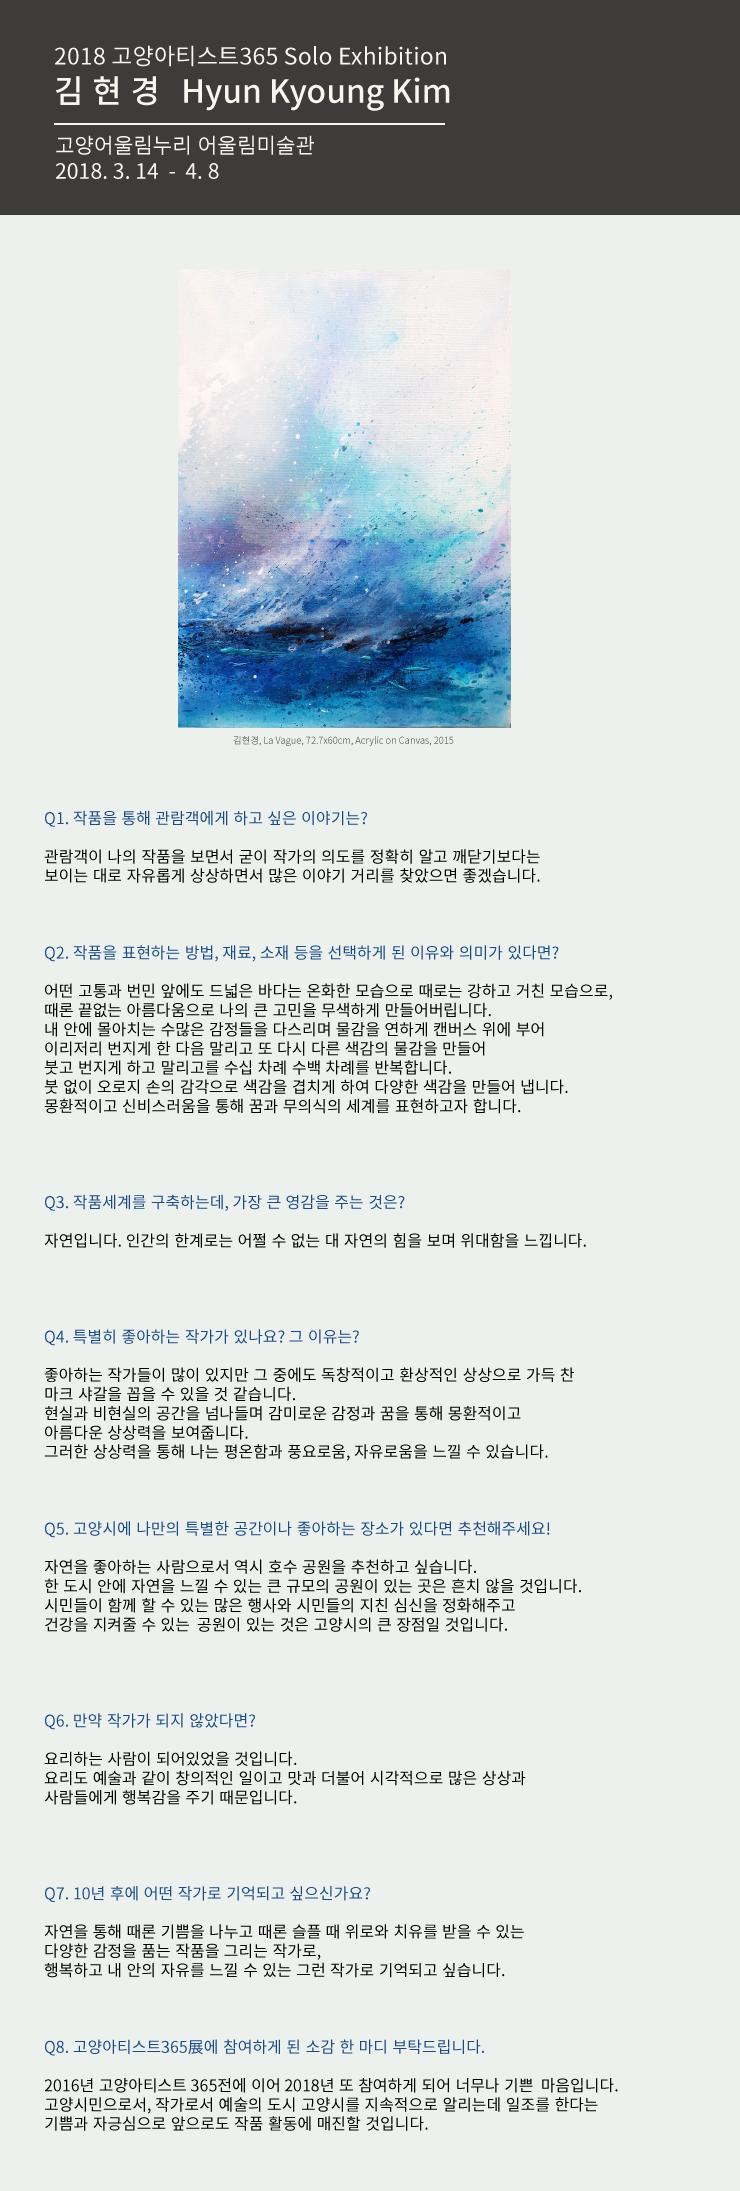 [2018 고양아티스트365 Solo展] - 김현경작가 QNA